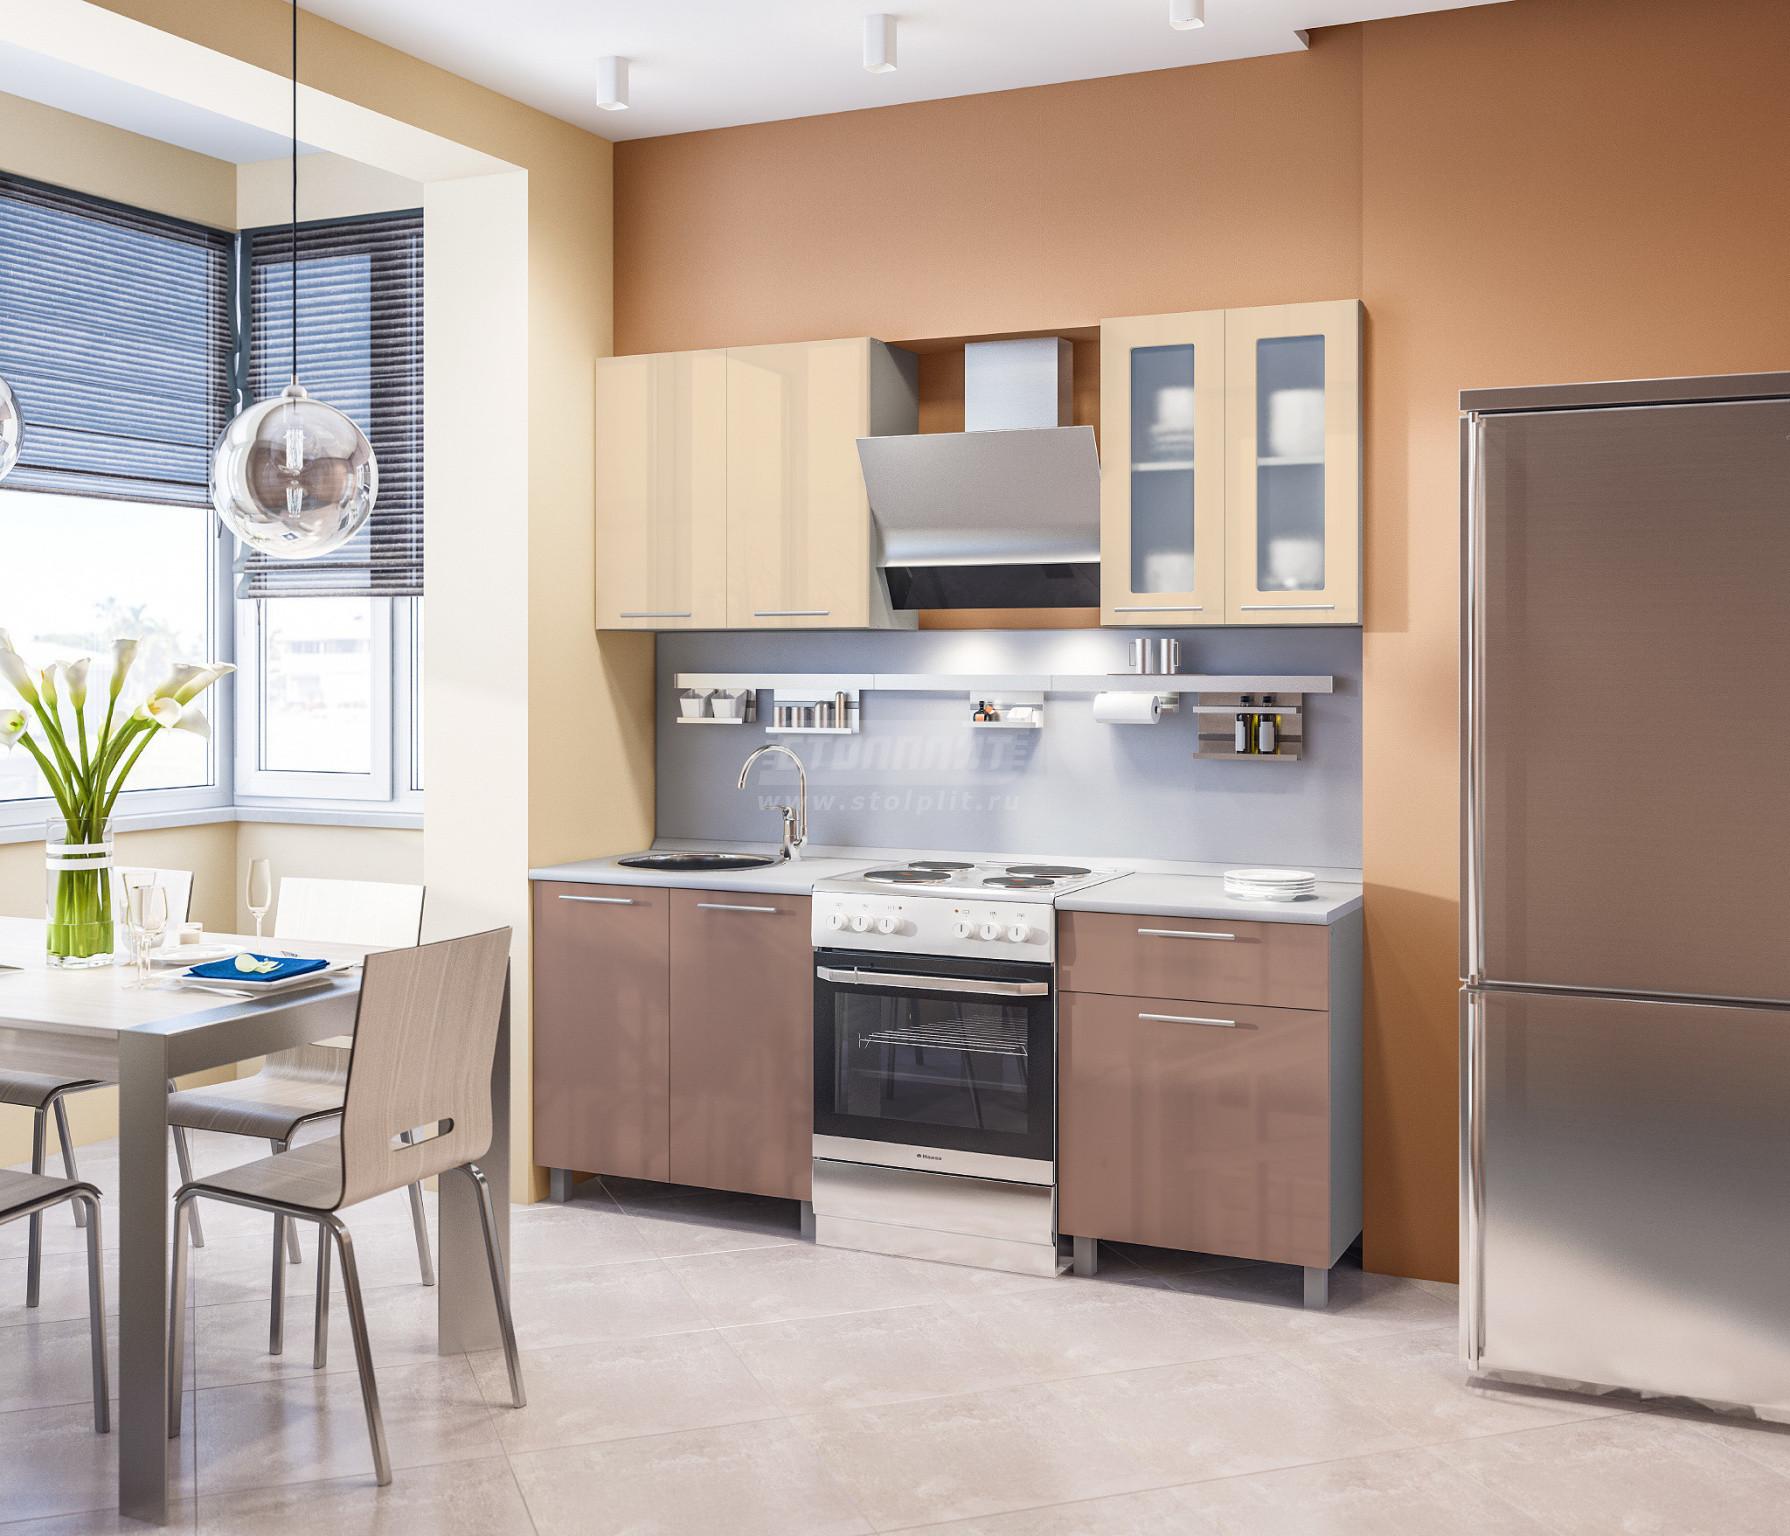 Кухня Столплит Анна L-2000 алюминий/ваниль глянец/капучино глянец 140x214x60 см